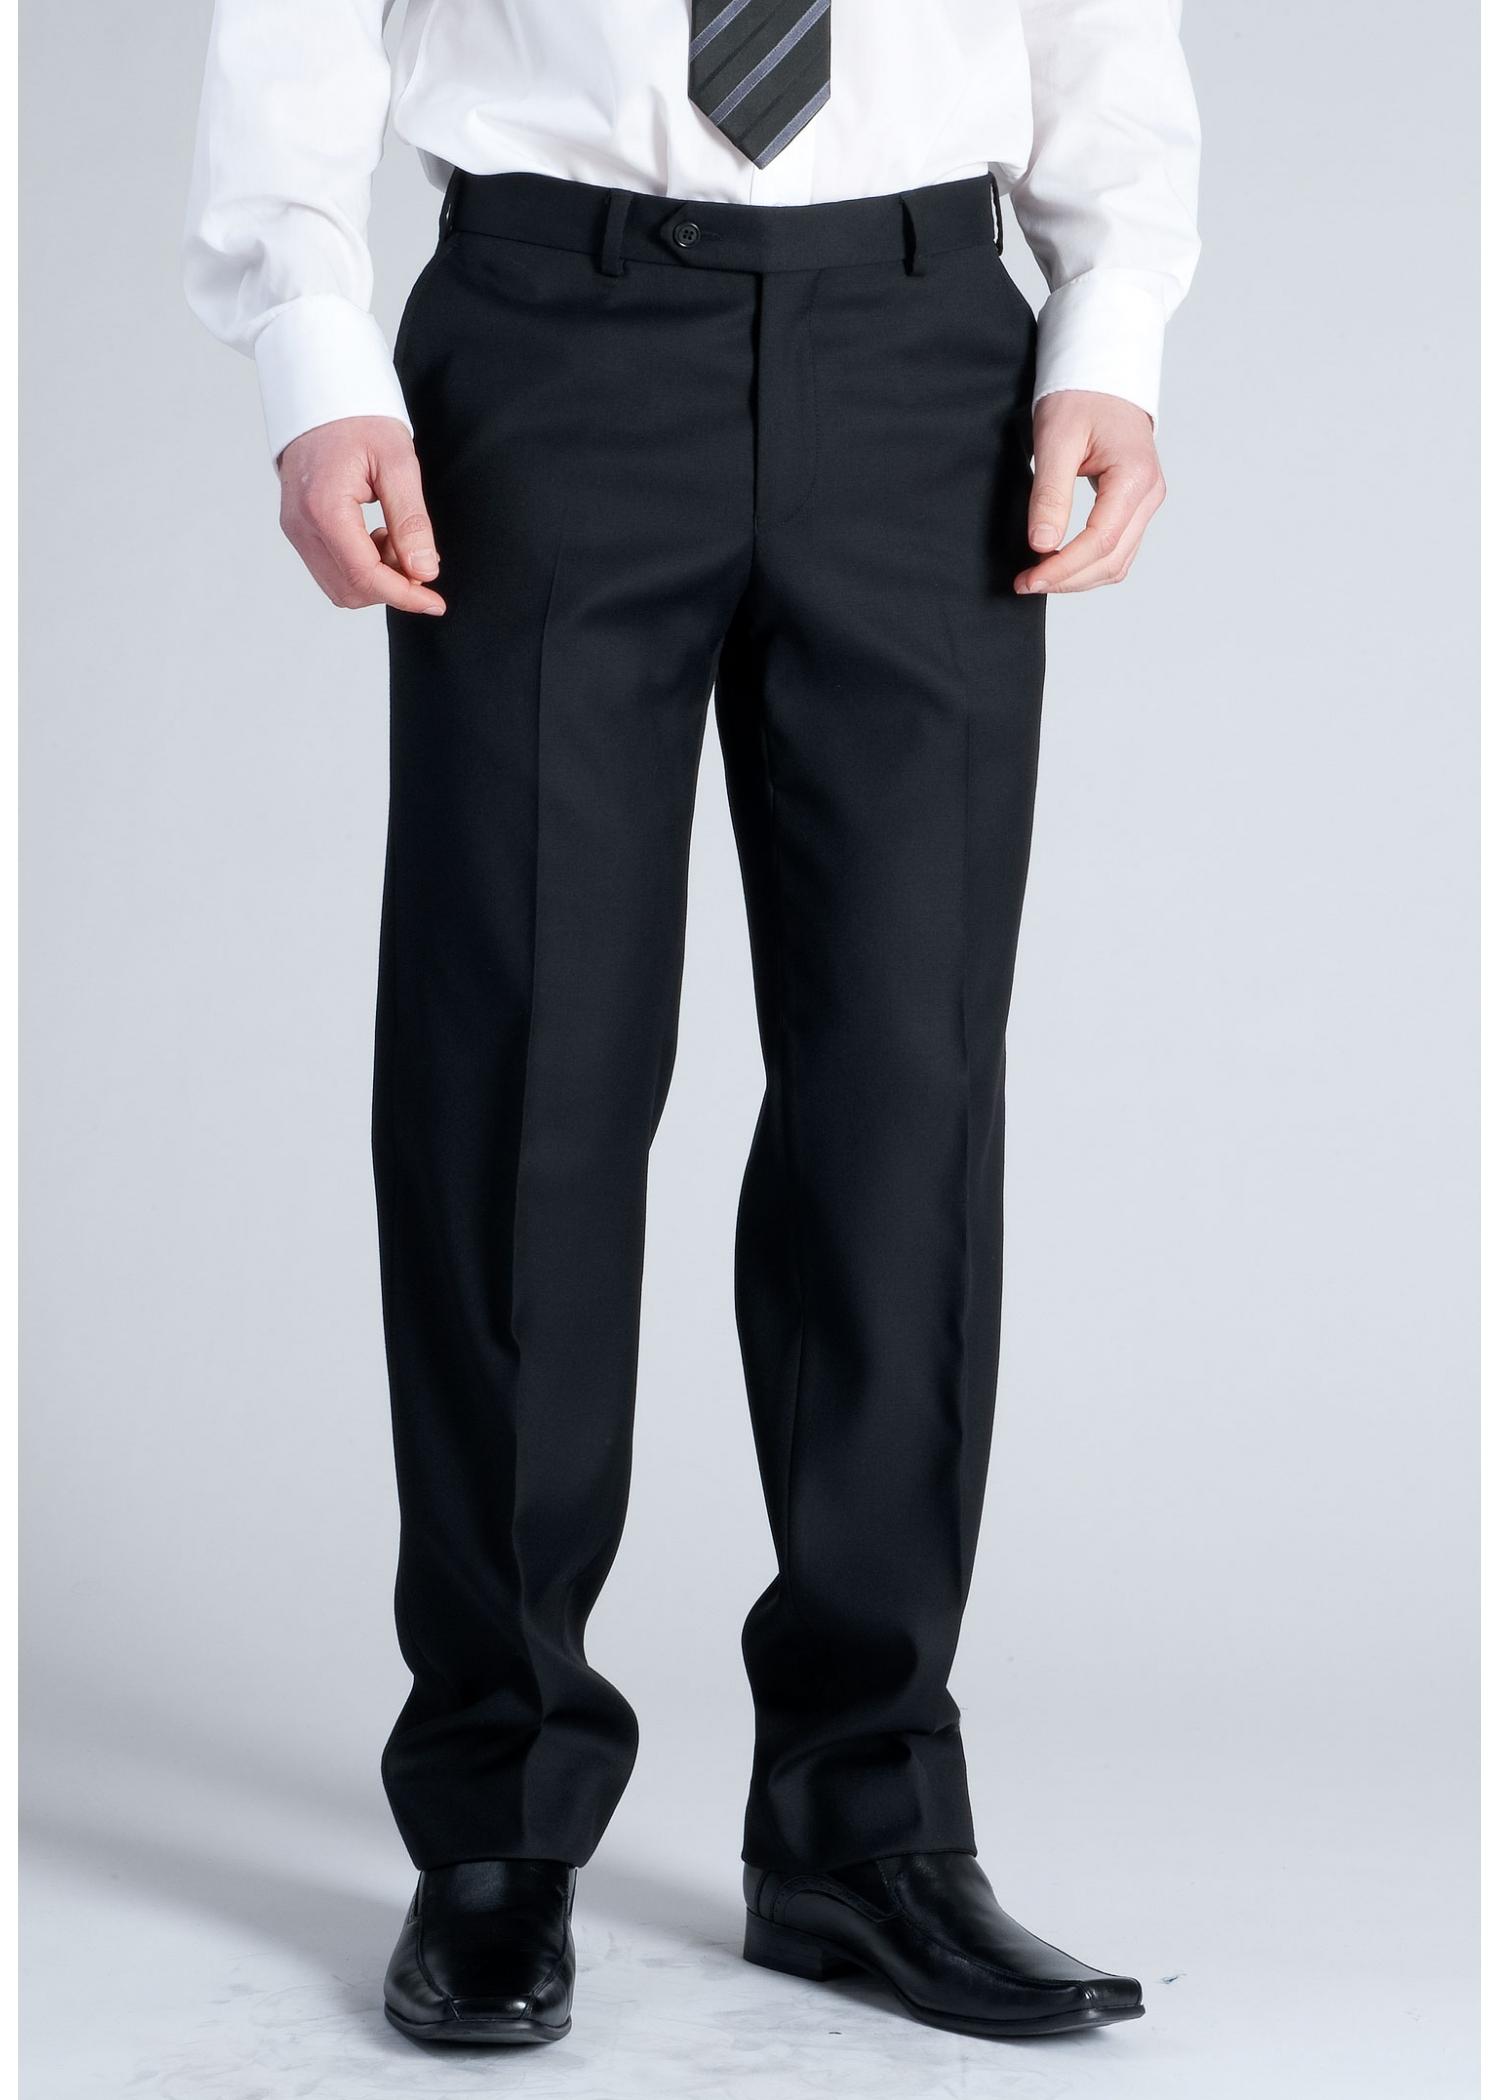 Plain Black Wool Ref:17743t